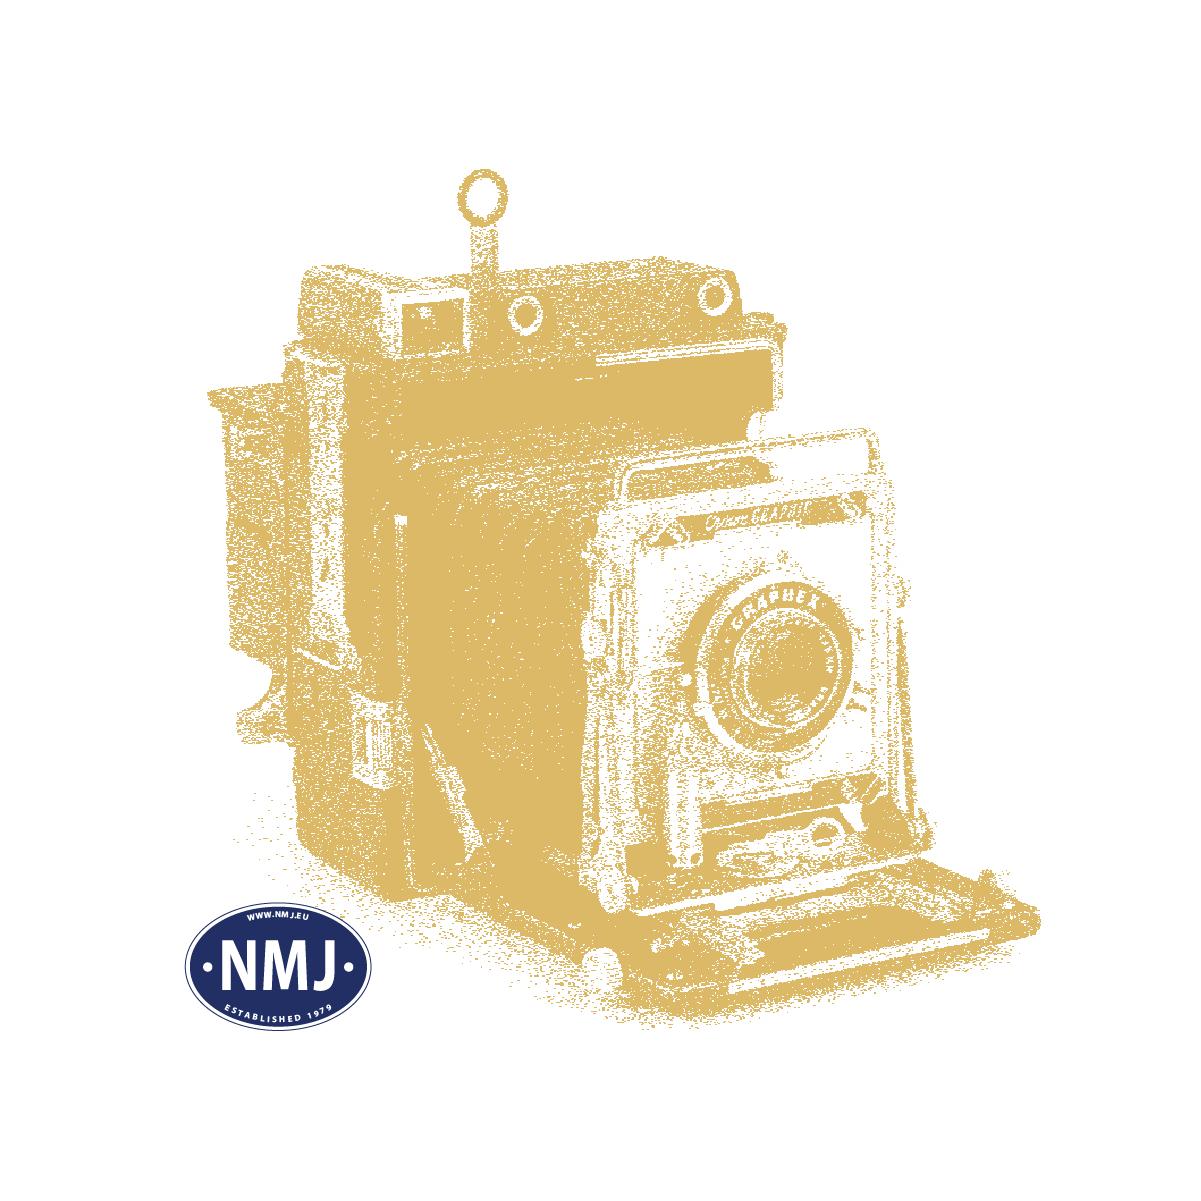 NMJT204.401 - NMJ Topline SJ B1N.4899, 2 kl. Personvogn, blå/sort design V.2